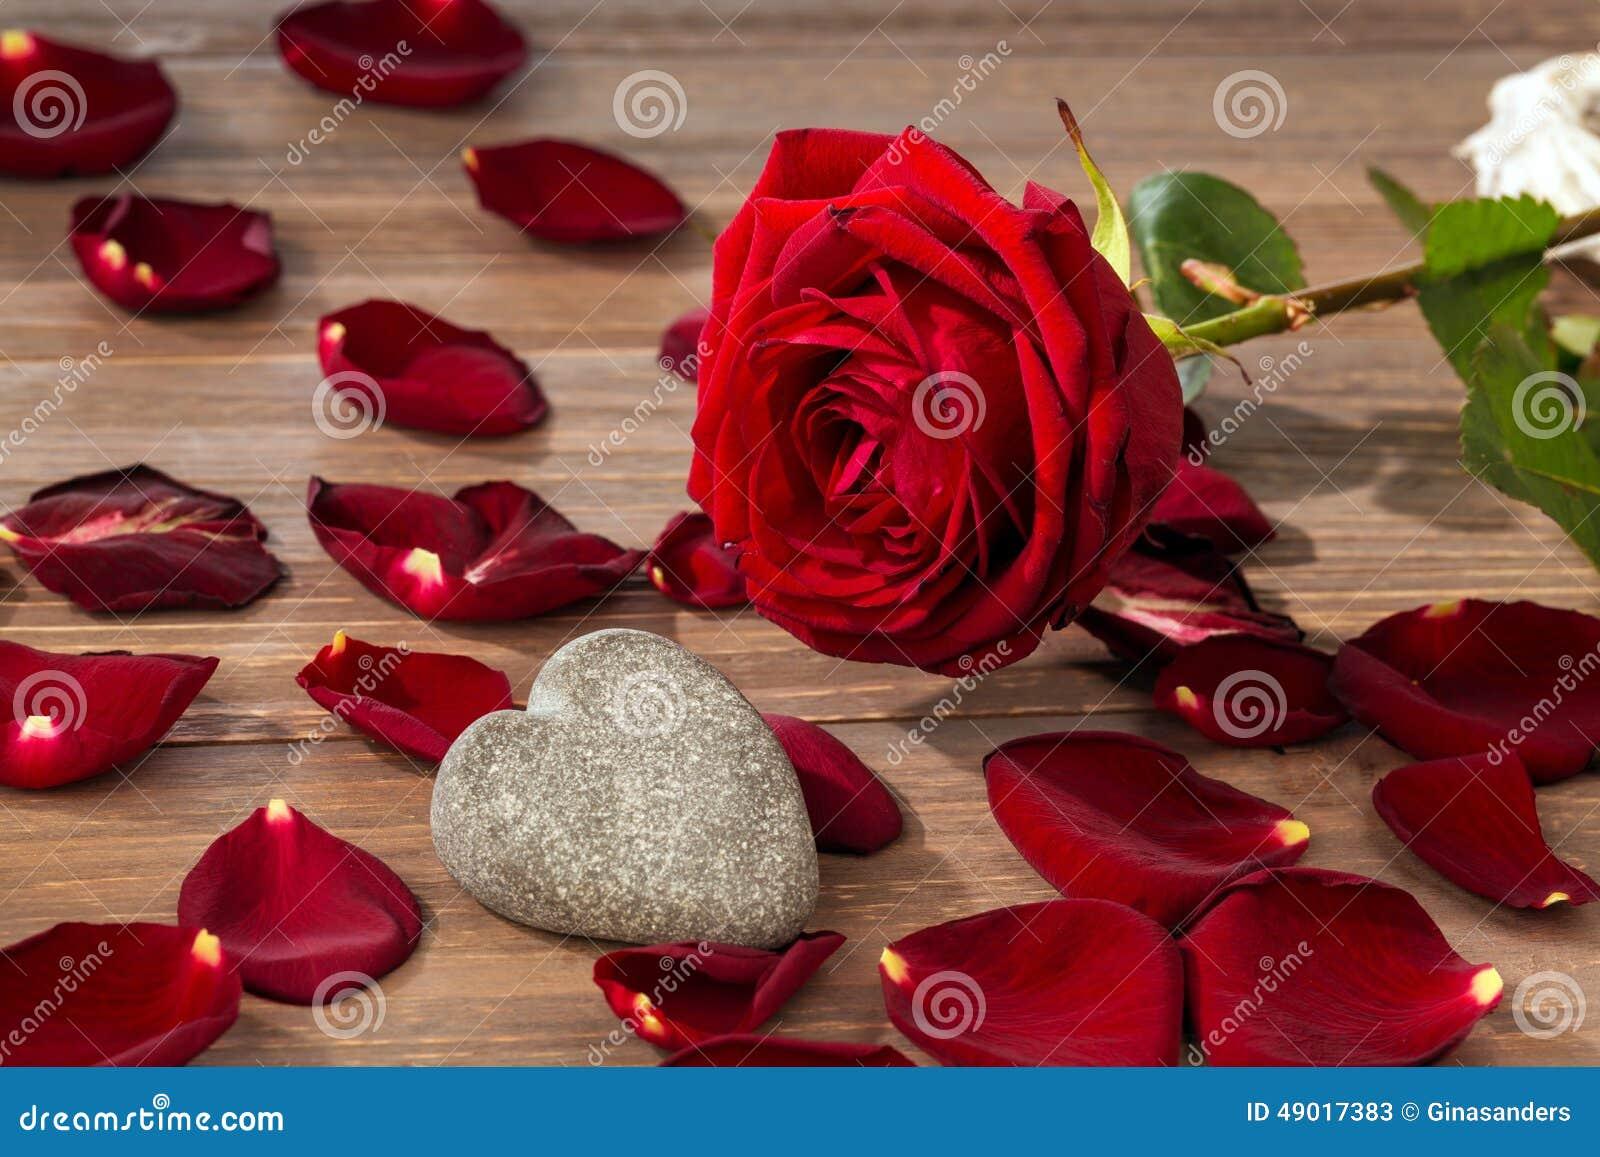 Festa a sorpresa per lui in07 regardsdefemmes - San valentino idee romantiche ...